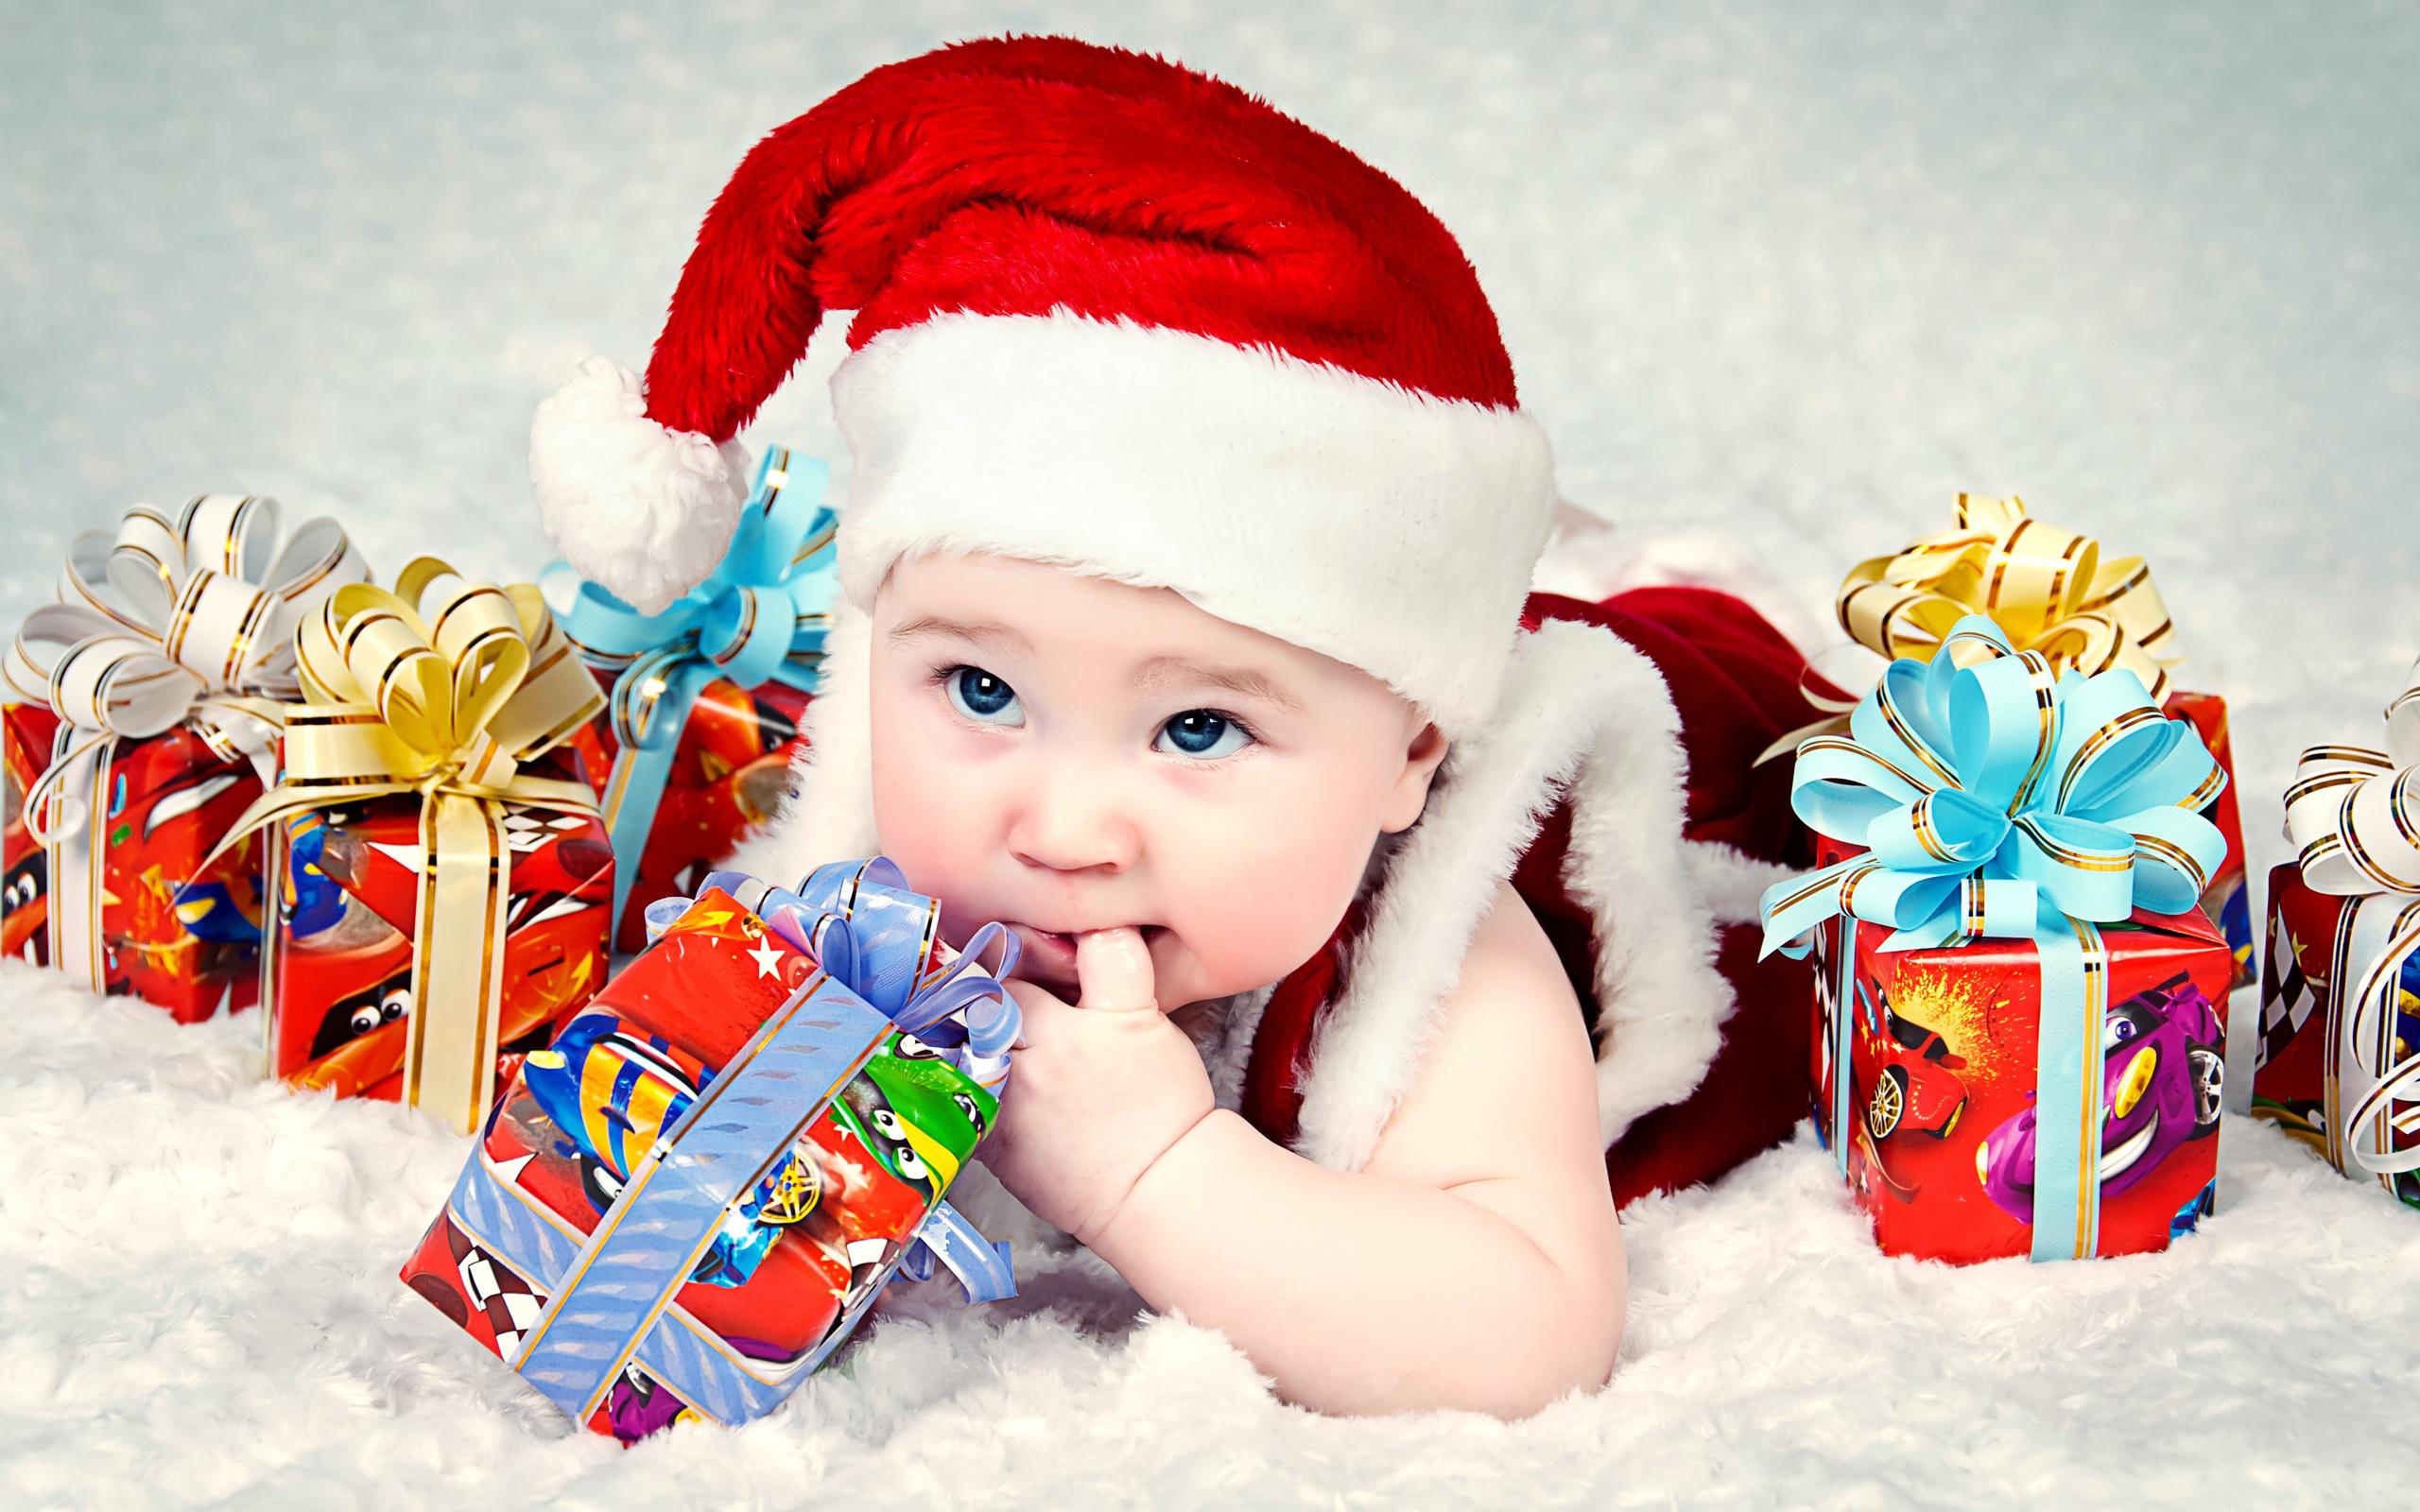 Скачать фото ребёнок, костюм, колпак, голубоглазый, коробки, подарки